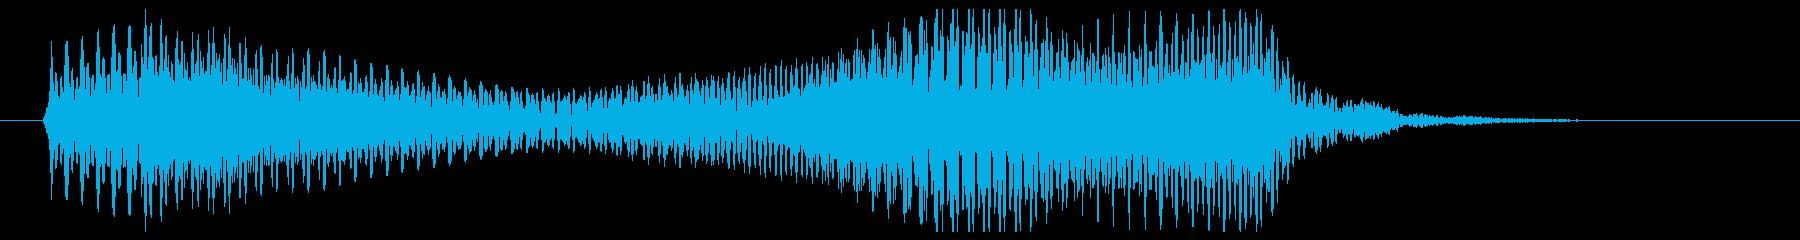 ポローン(柔らかめのシンセ音)の再生済みの波形